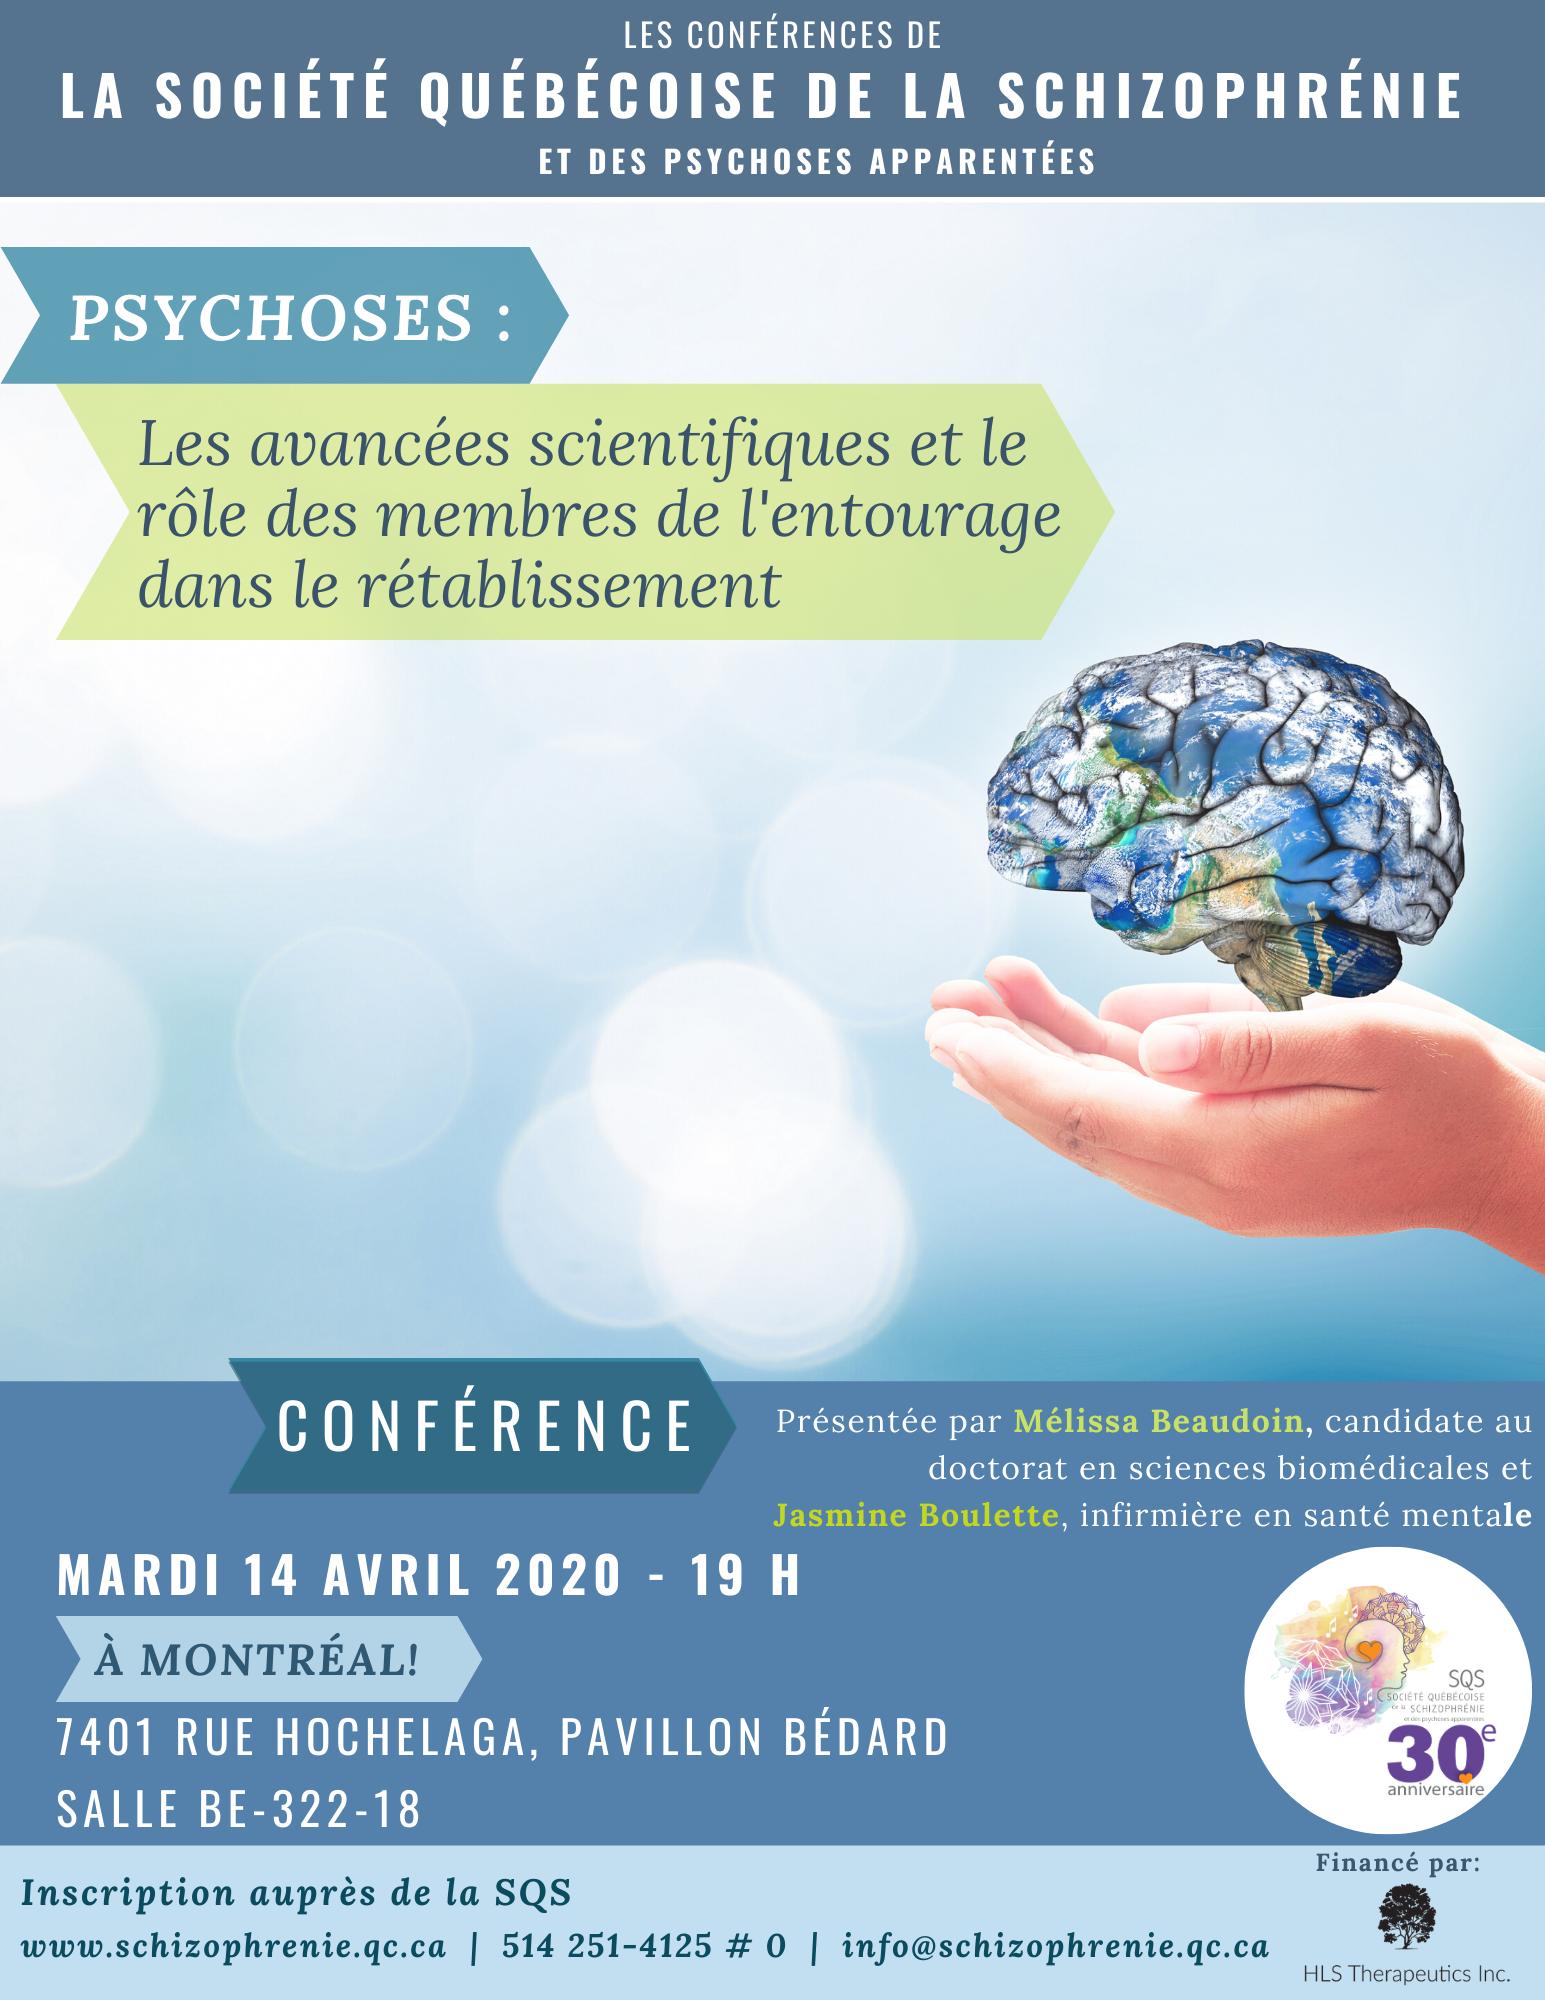 **REPORTÉE** - CONFÉRENCE SQS - Psychoses: les avancées scientifiques et le rôle des membres de l'entourage dans le rétablissement